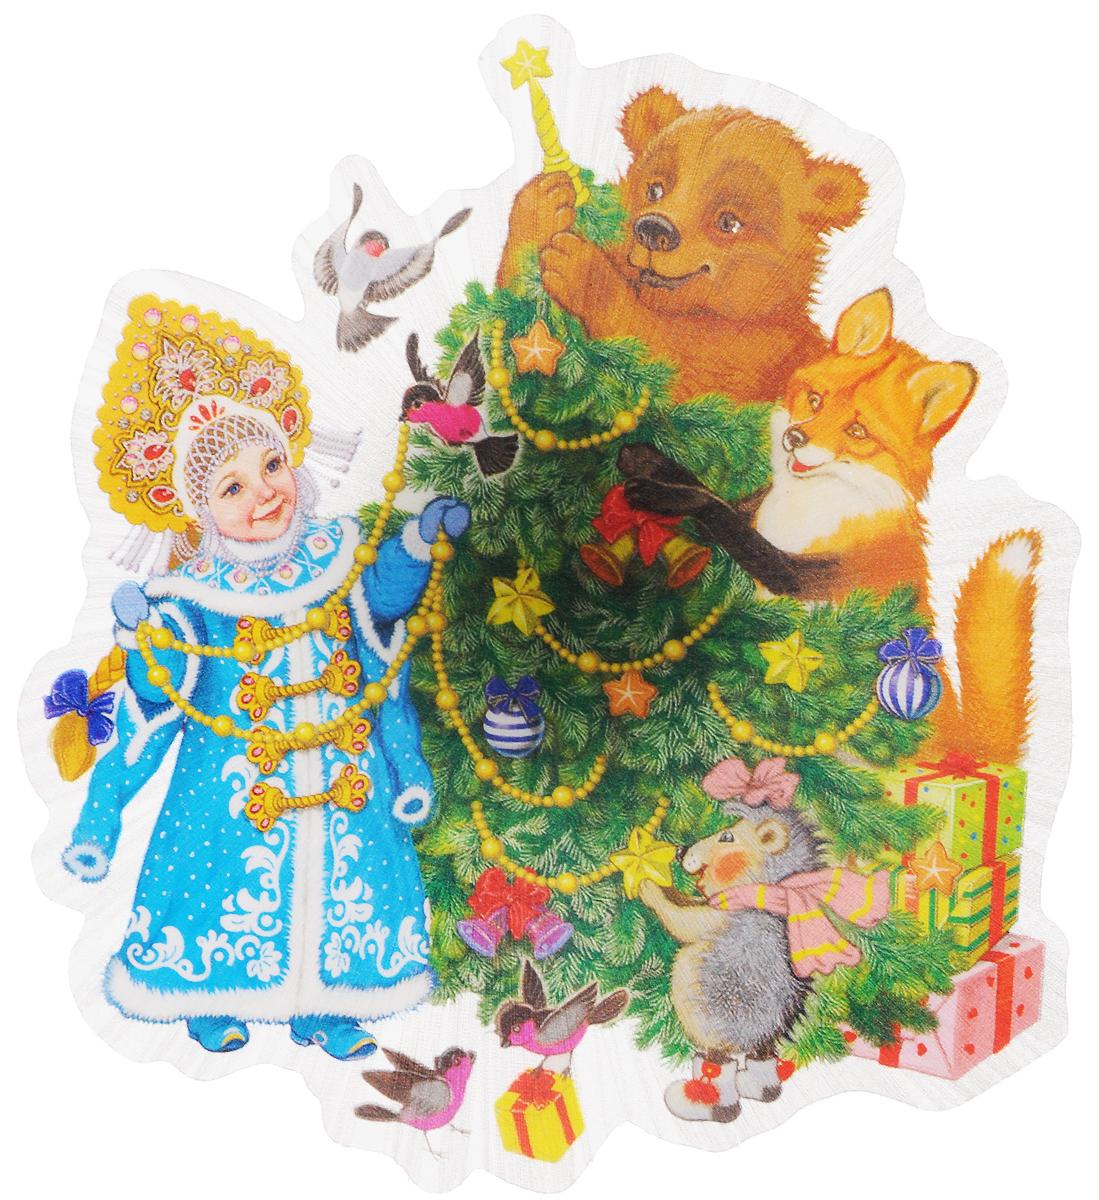 Украшение новогоднее Magic Time Снегурочка и зверята, со светодиодной подсветкой, 11,5 x 11,5 x 3 см42205Новогоднее украшение Magic Time Снегурочка и зверята выполнено из поливинилхлорида. Украшение представляет собой пластиковую картину с изображением снегурочки и лесных зверей. С помощью присоски украшение можно прикрепить на любое понравившееся вам место. Изделие оснащено светодиодной подсветкой. В комплекте предоставлен элемент питания CR2032 (мощность 0,06 Вт, напряжение 3 В) Новогоднее украшение Magic Time Снегурочка и зверята несет в себе волшебство и красоту праздника. Создайте в своем доме атмосферу веселья и радости, с помощью игрушек, которые будут из года в год накапливать теплоту воспоминаний. Материал: поливинилхлорид. Размер: 11,5 х 11,5 х 3 см.